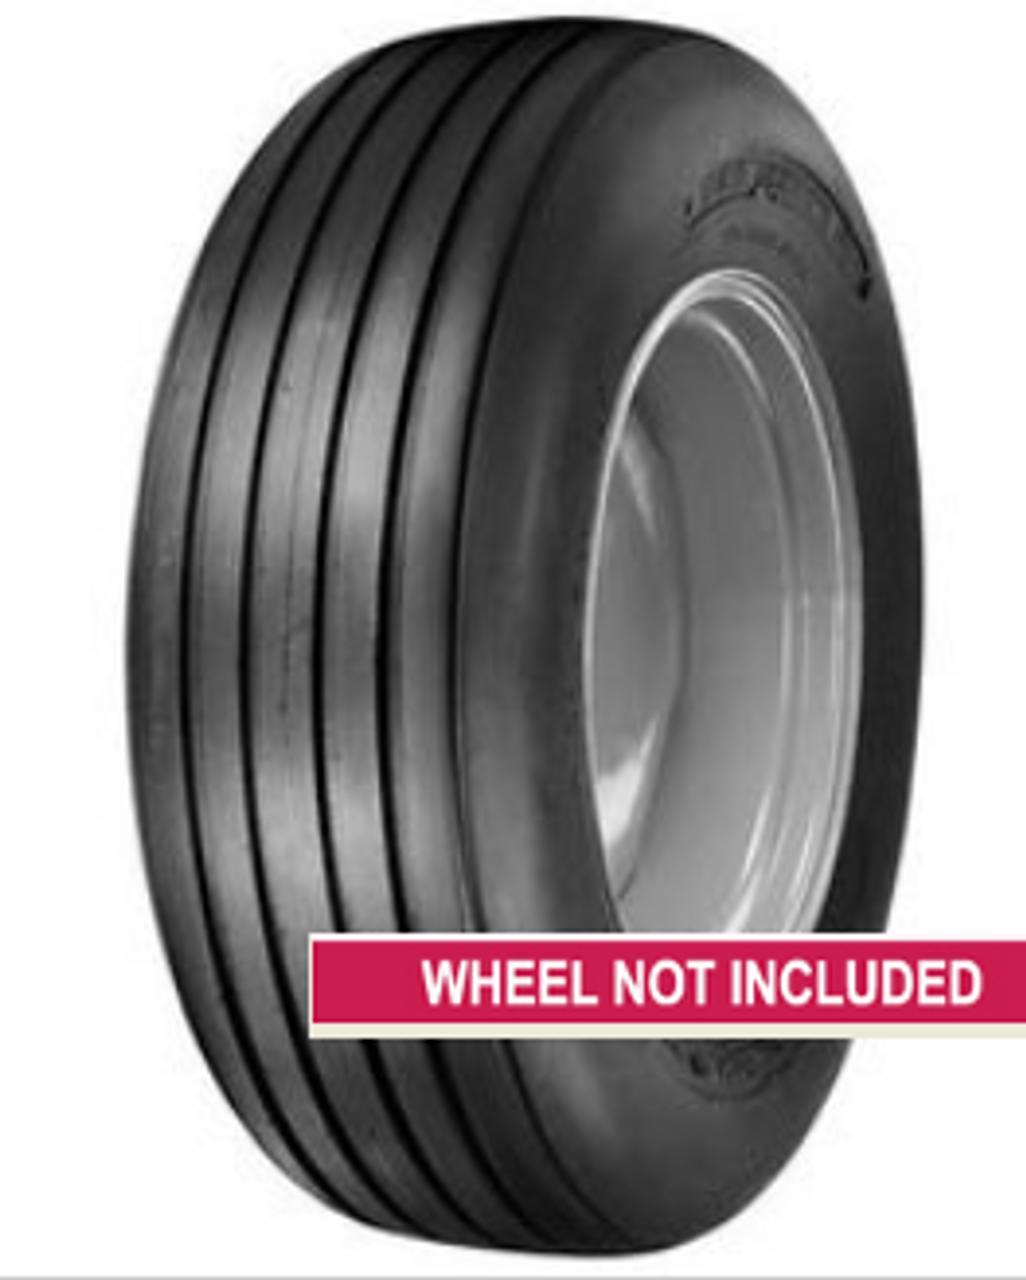 New Tire 9.5 L 15 Harvest King Rib Implement 8 Ply TL 9.5L-15